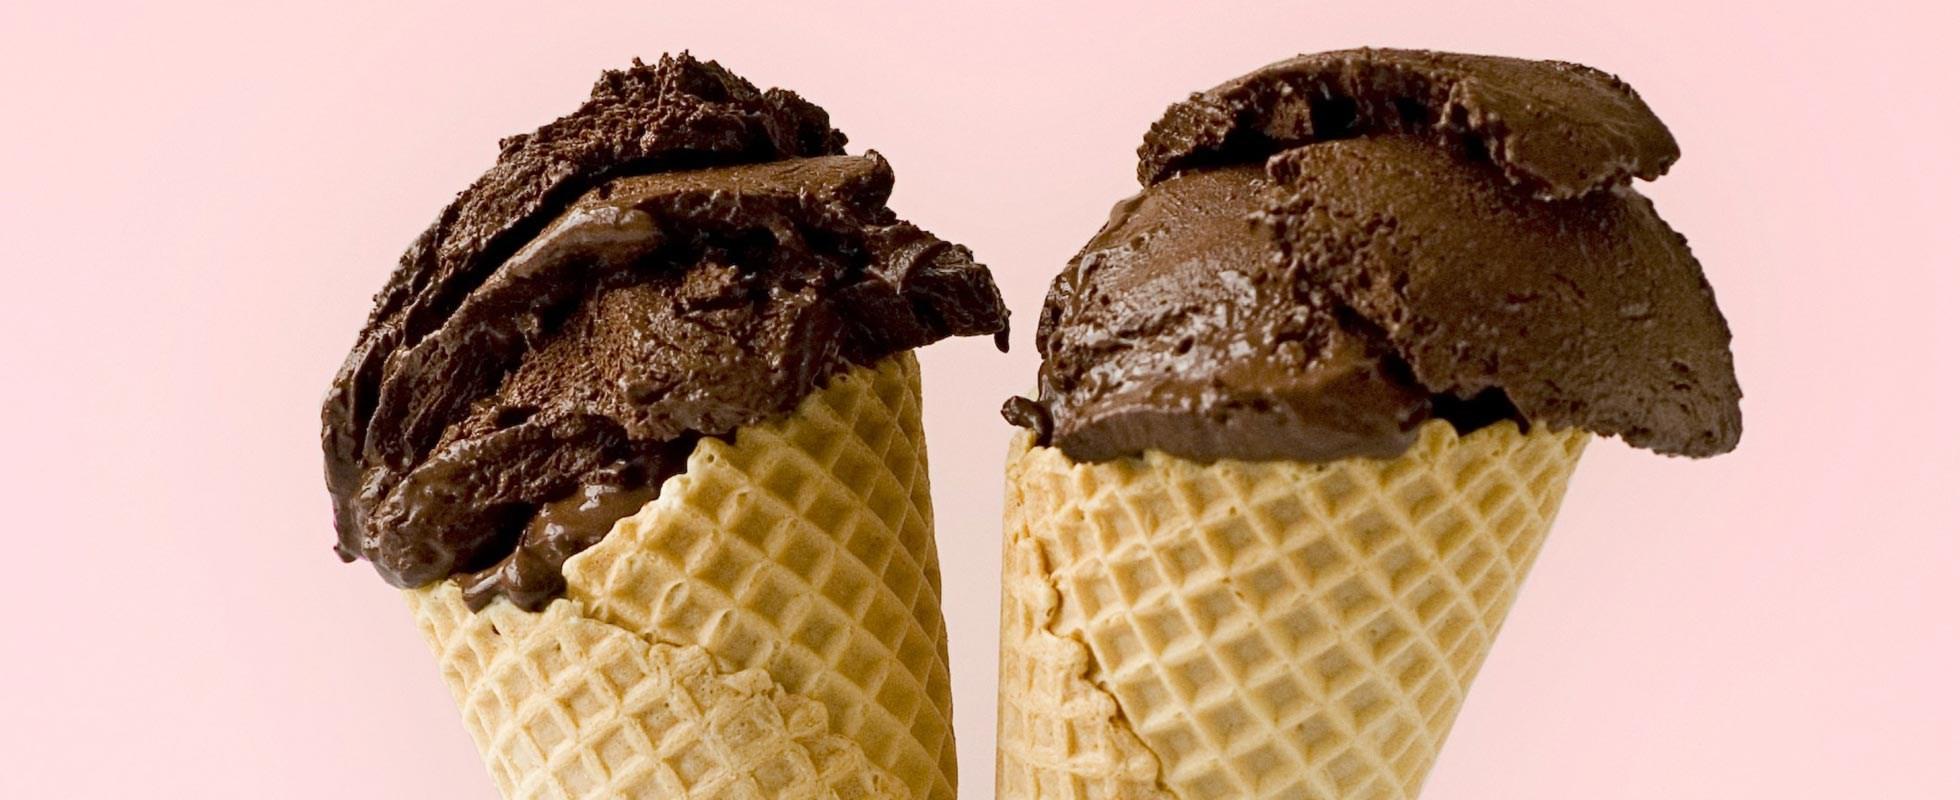 Bitter chocolate ice cream